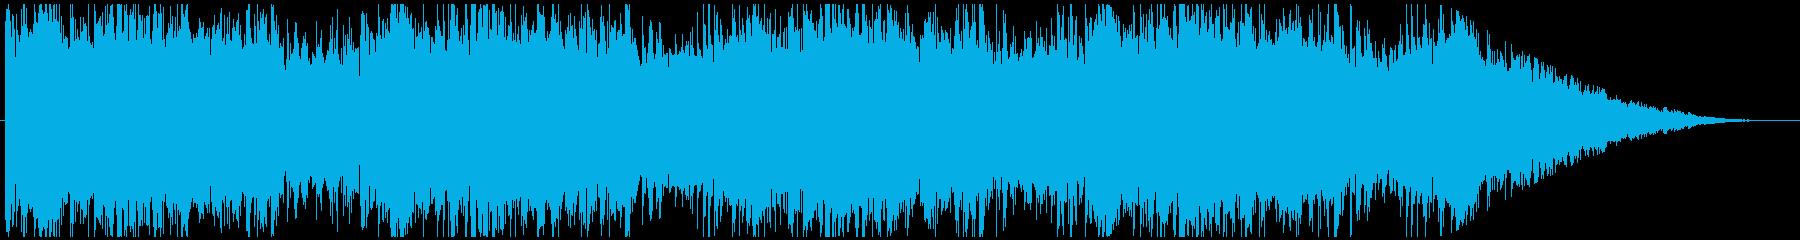 ジングル - 悪魔の子の再生済みの波形